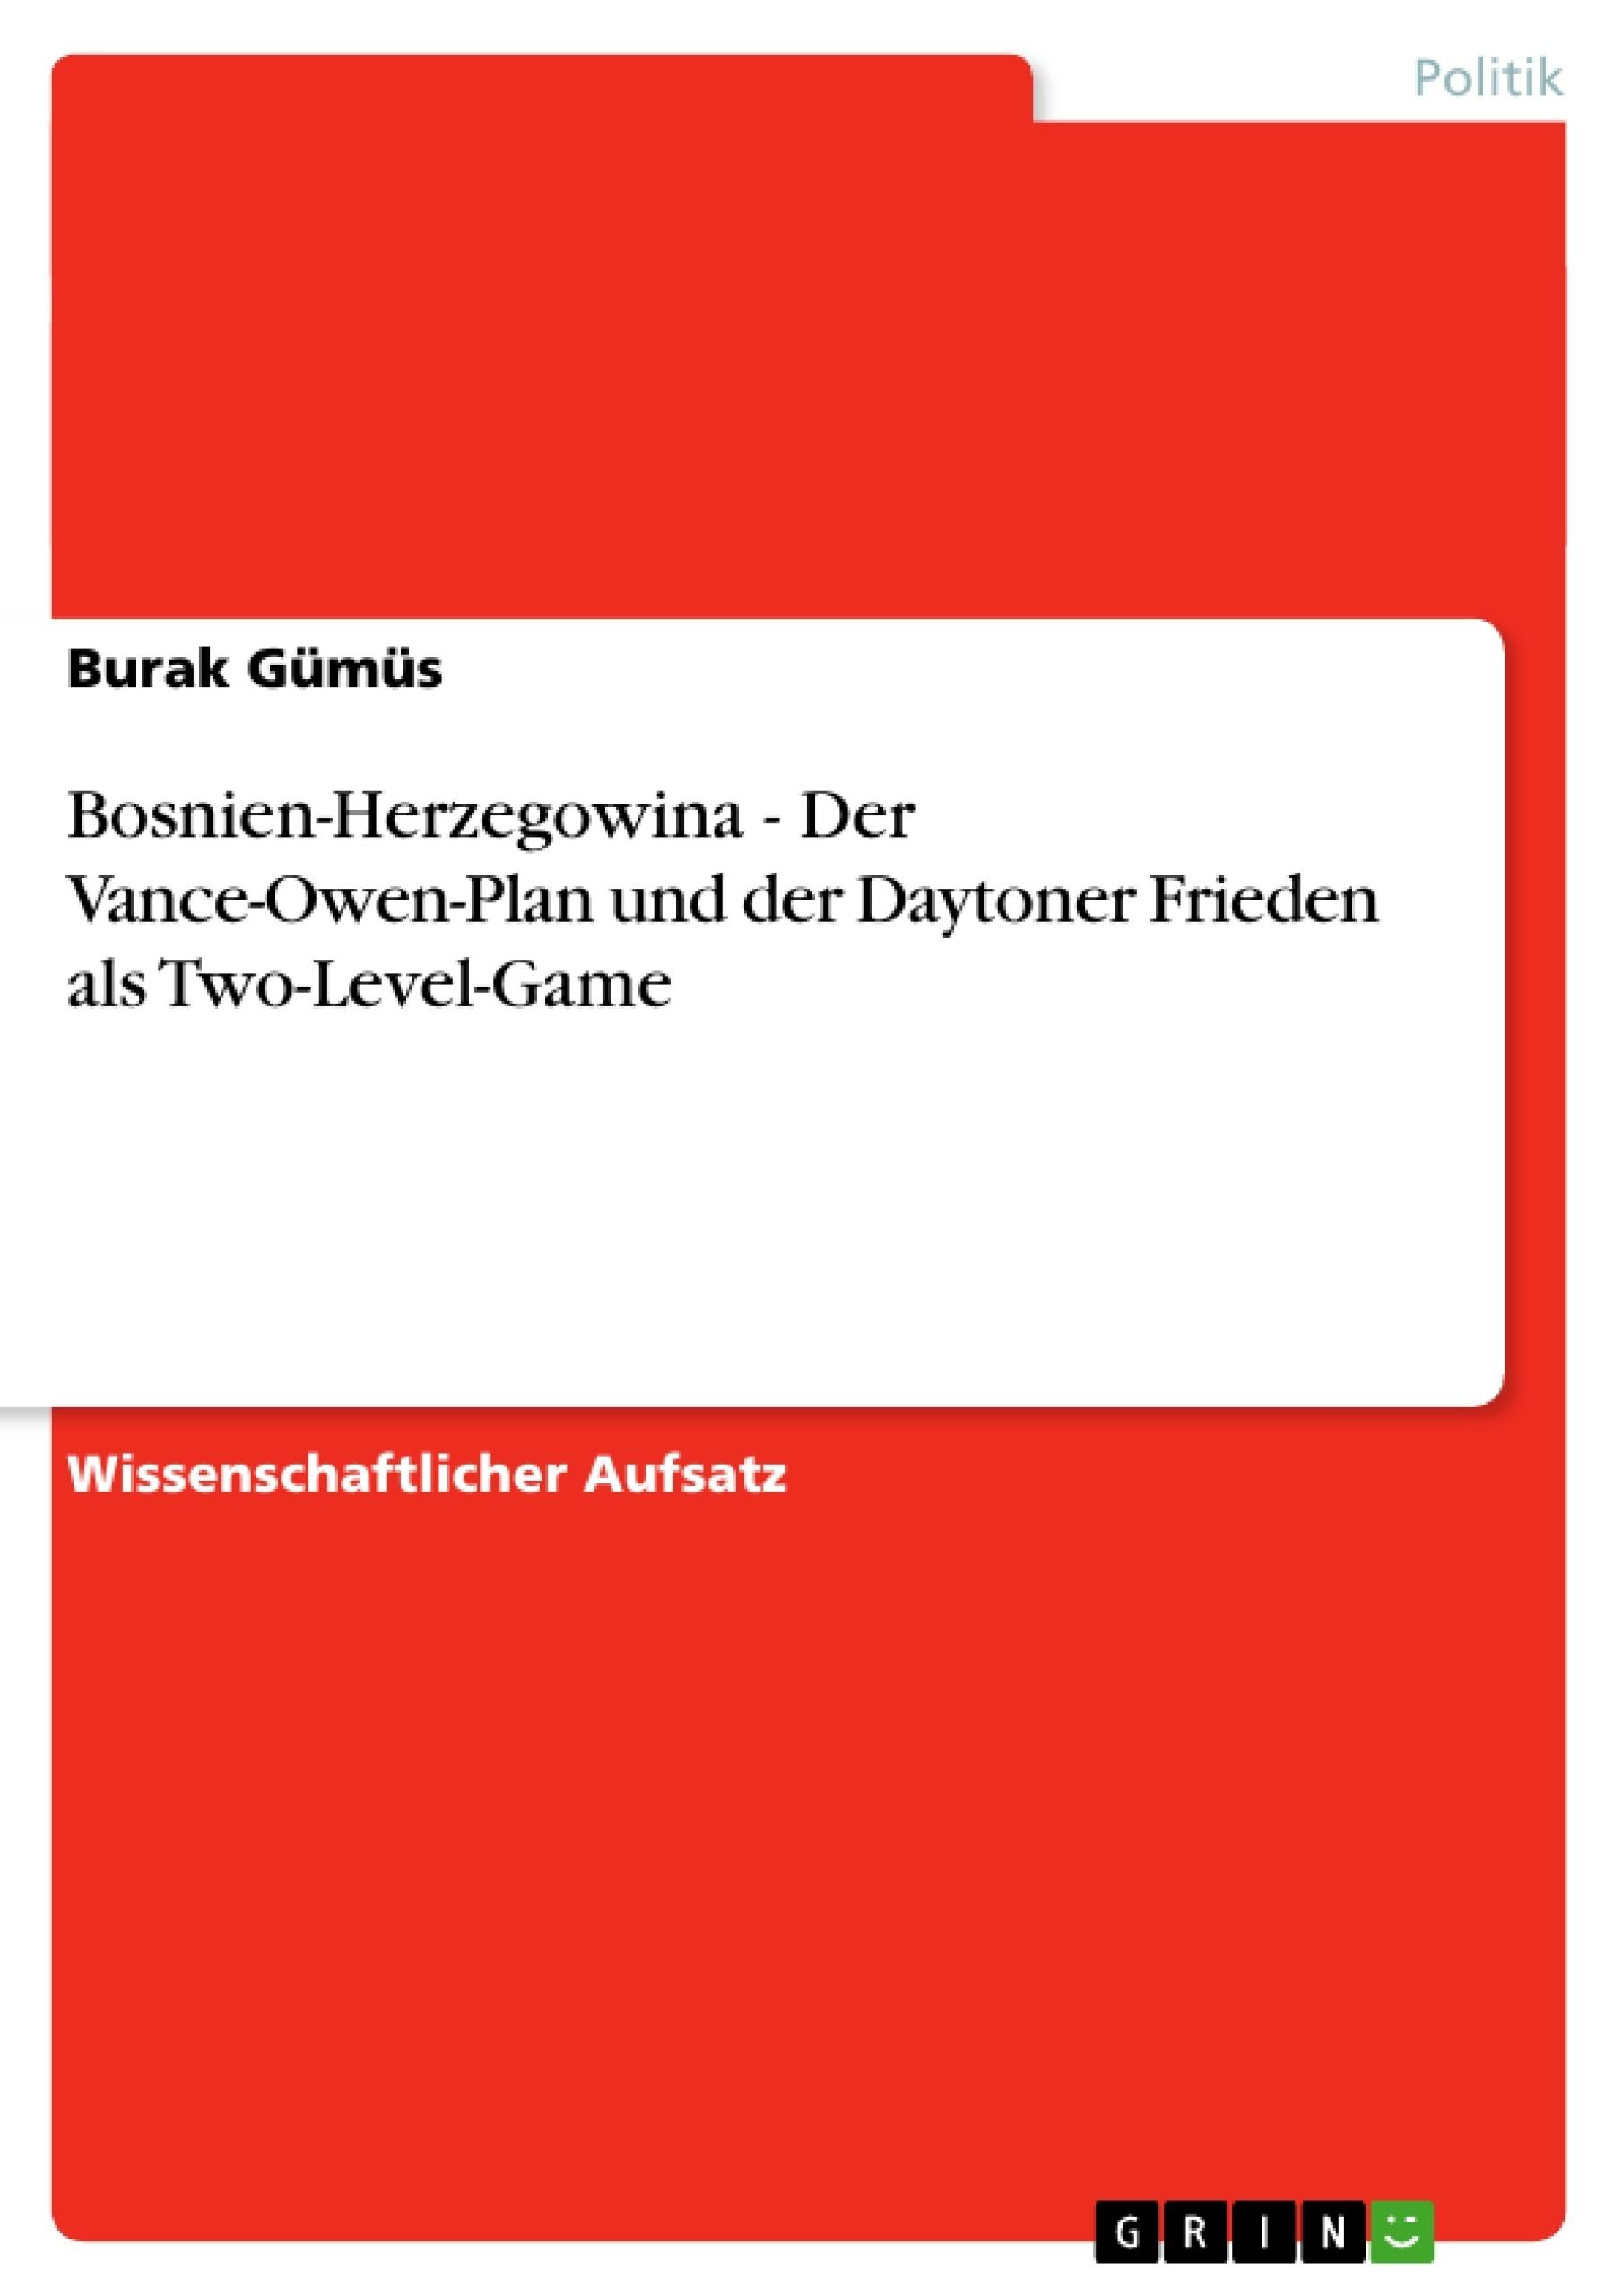 Titel: Bosnien-Herzegowina - Der Vance-Owen-Plan und der Daytoner Frieden als Two-Level-Game